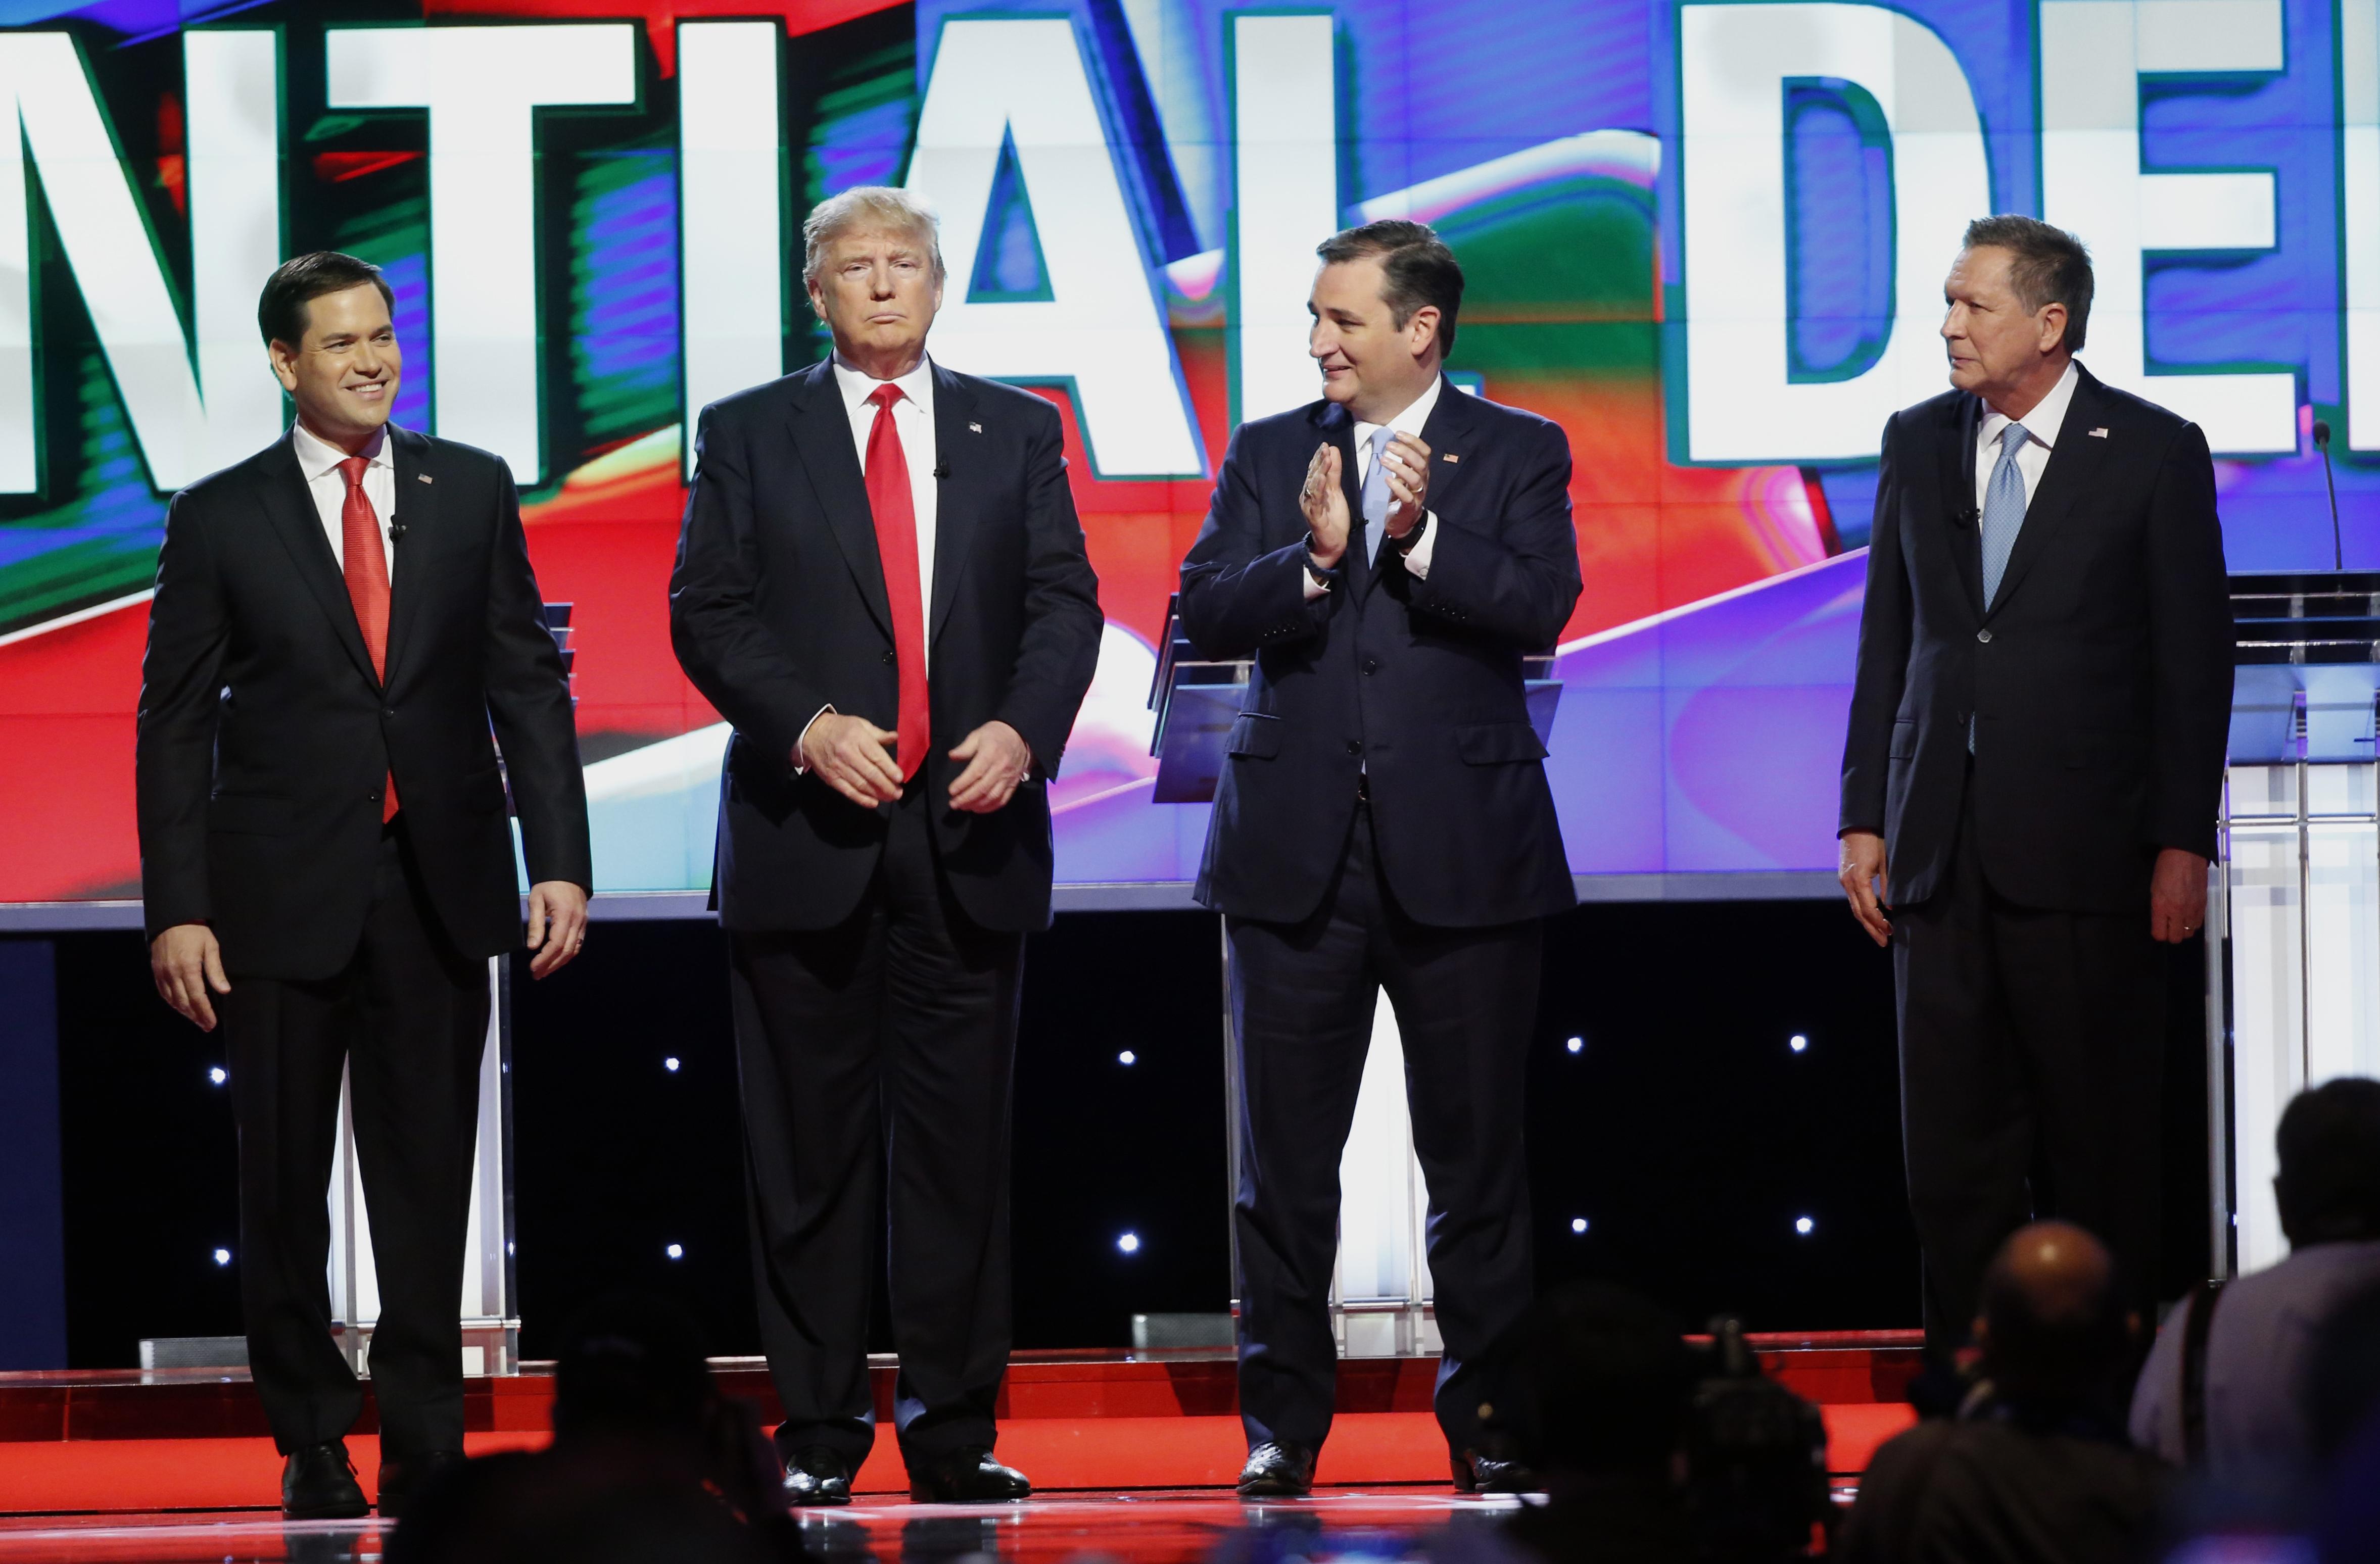 Republican debate winners and losers